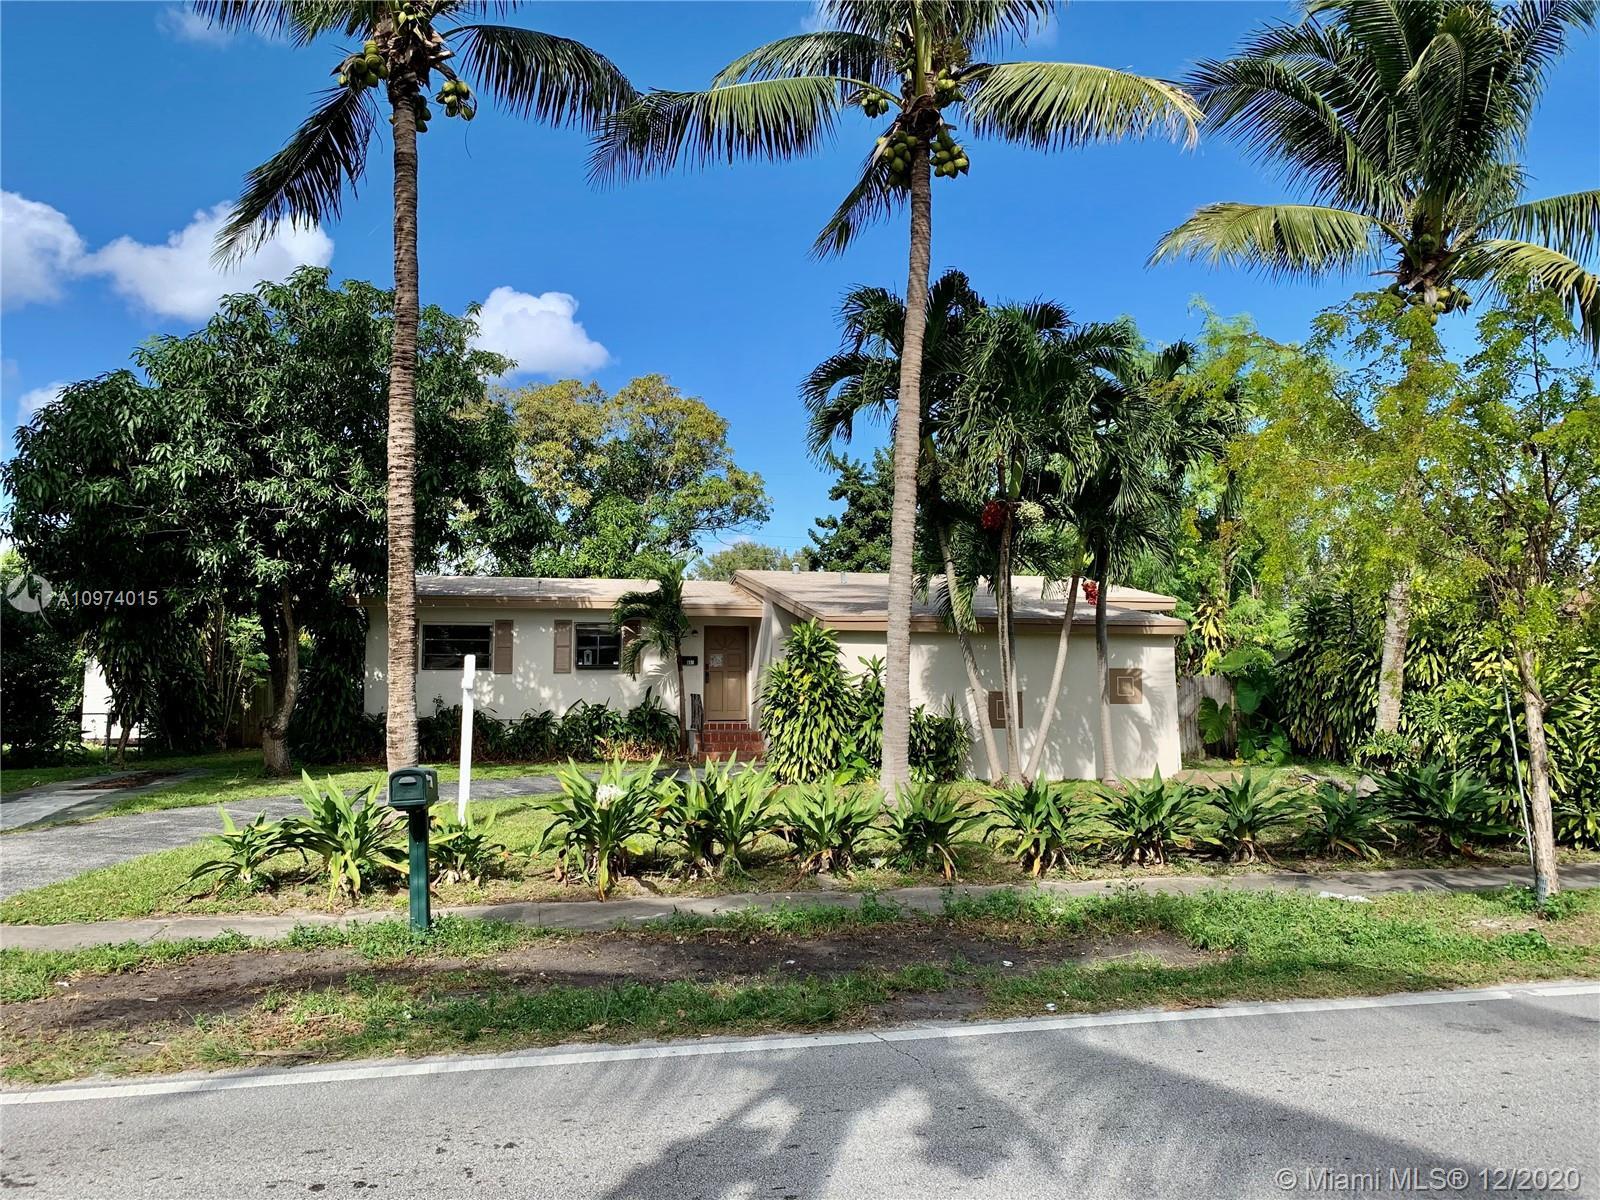 Windward - 651 NE 177th St, Miami, FL 33162